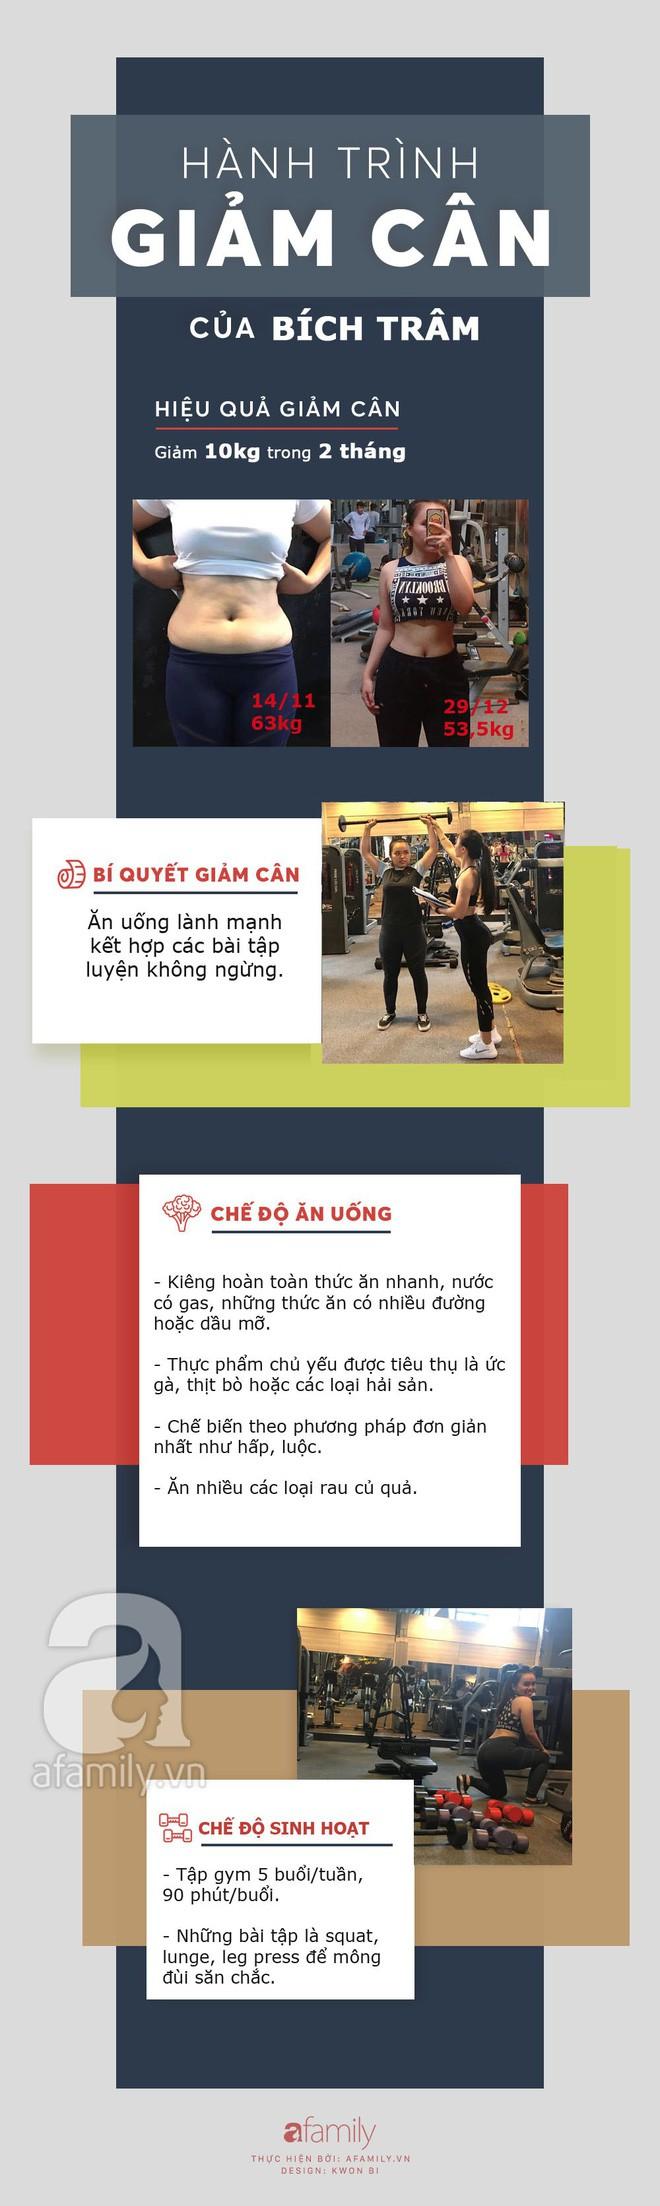 Giảm 10kg chỉ sau 2 tháng tập gym theo hướng dẫn của huấn luyện viên, cô gái trẻ sở hữu thân hình nuột nà, tự tin đón Tết - Ảnh 11.